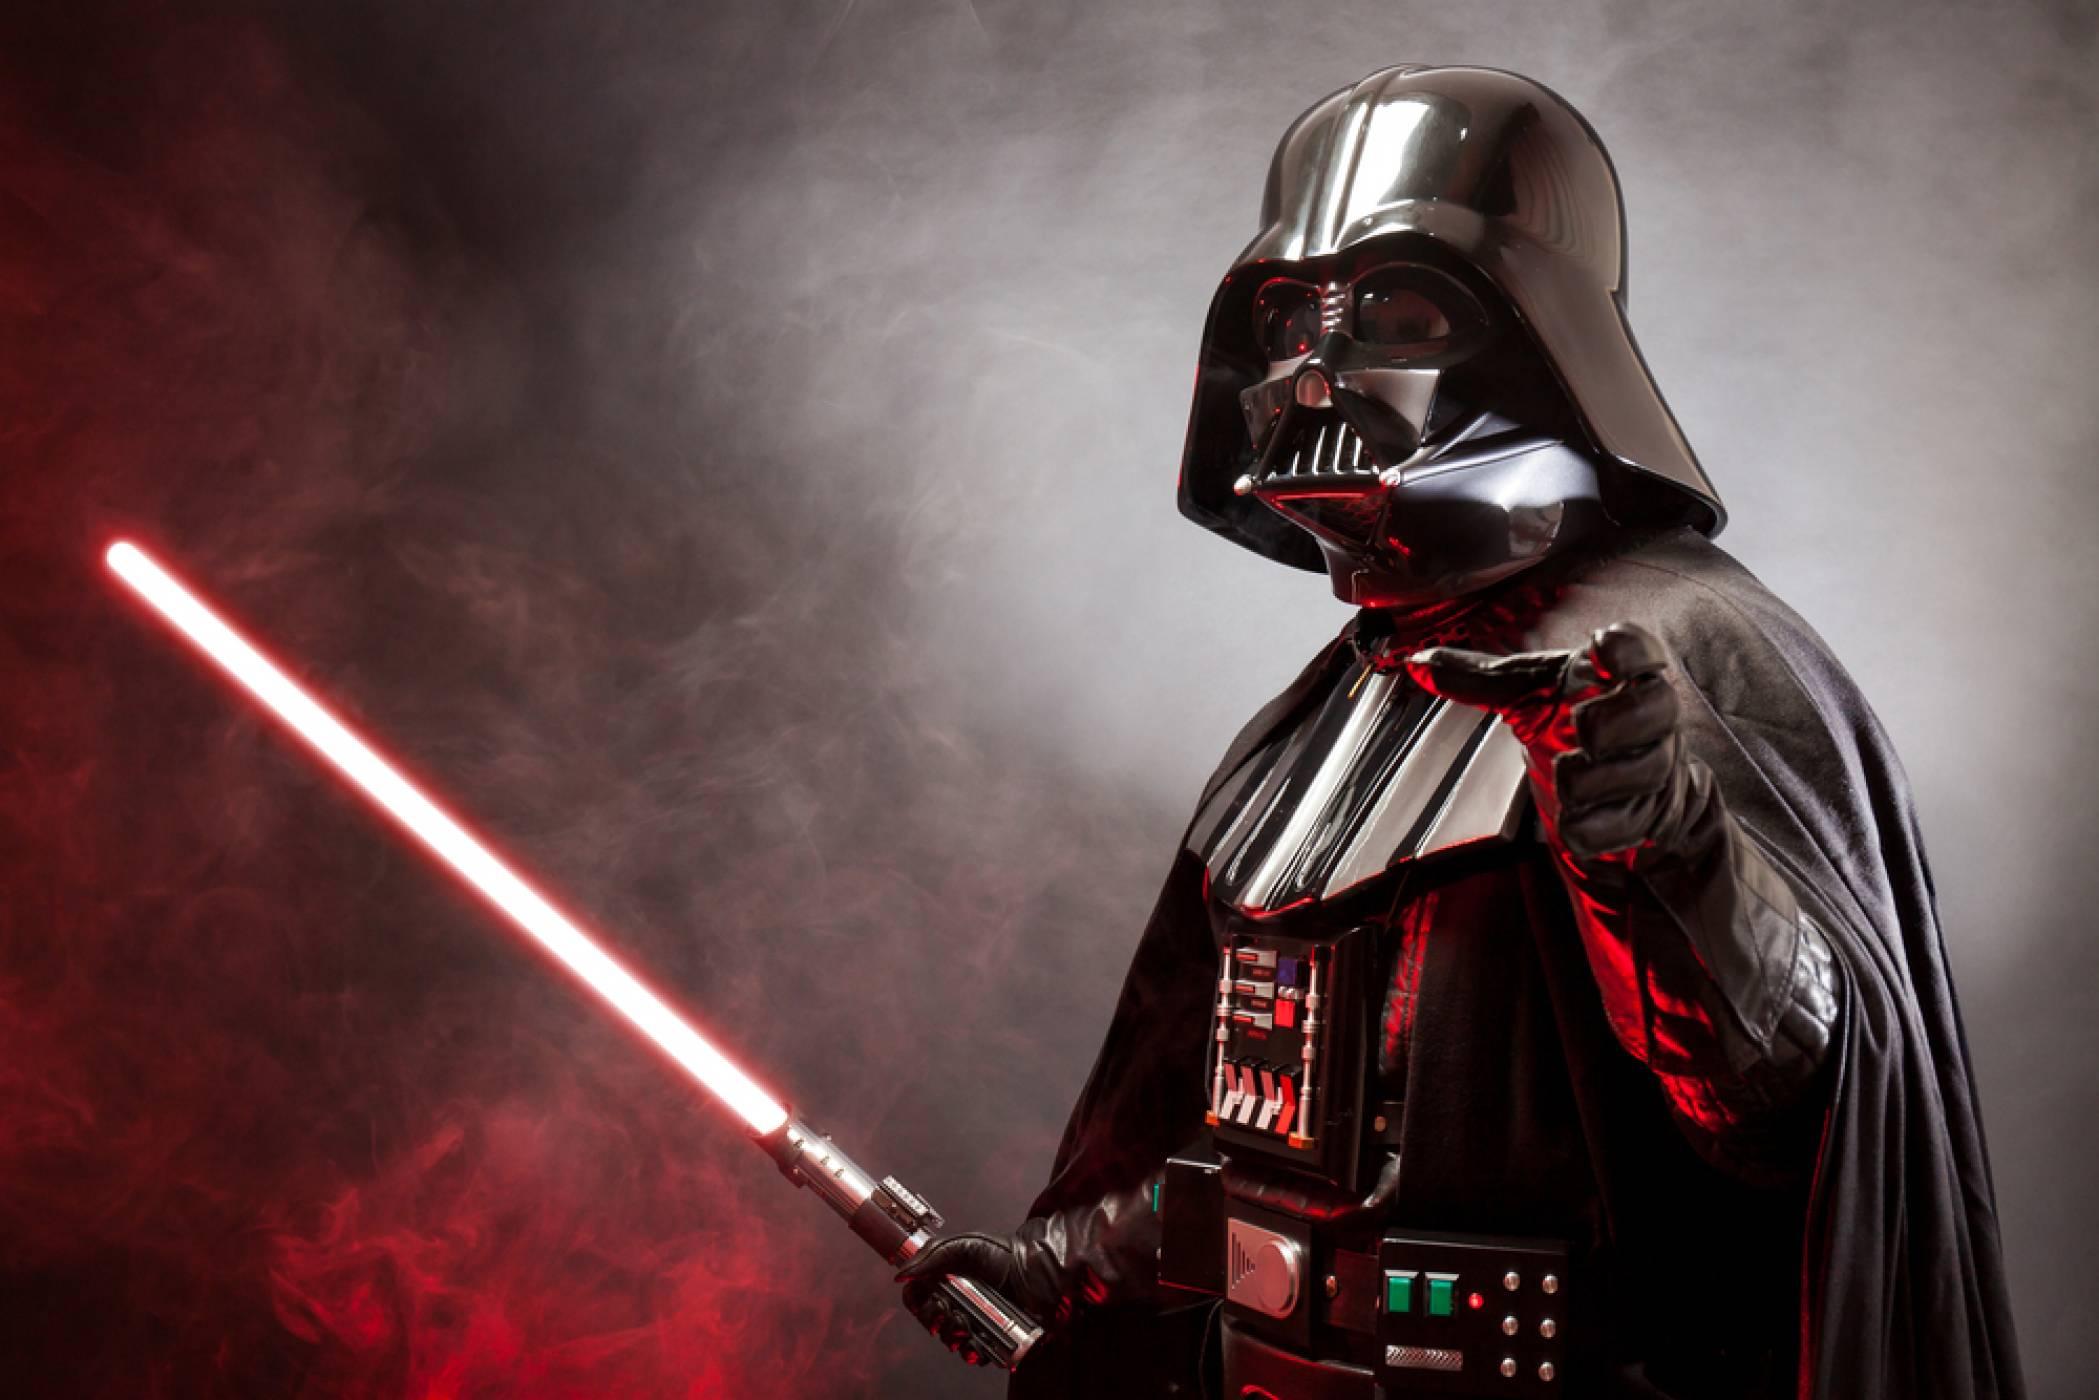 Завръща ли се Darth Vader на малкия екран?